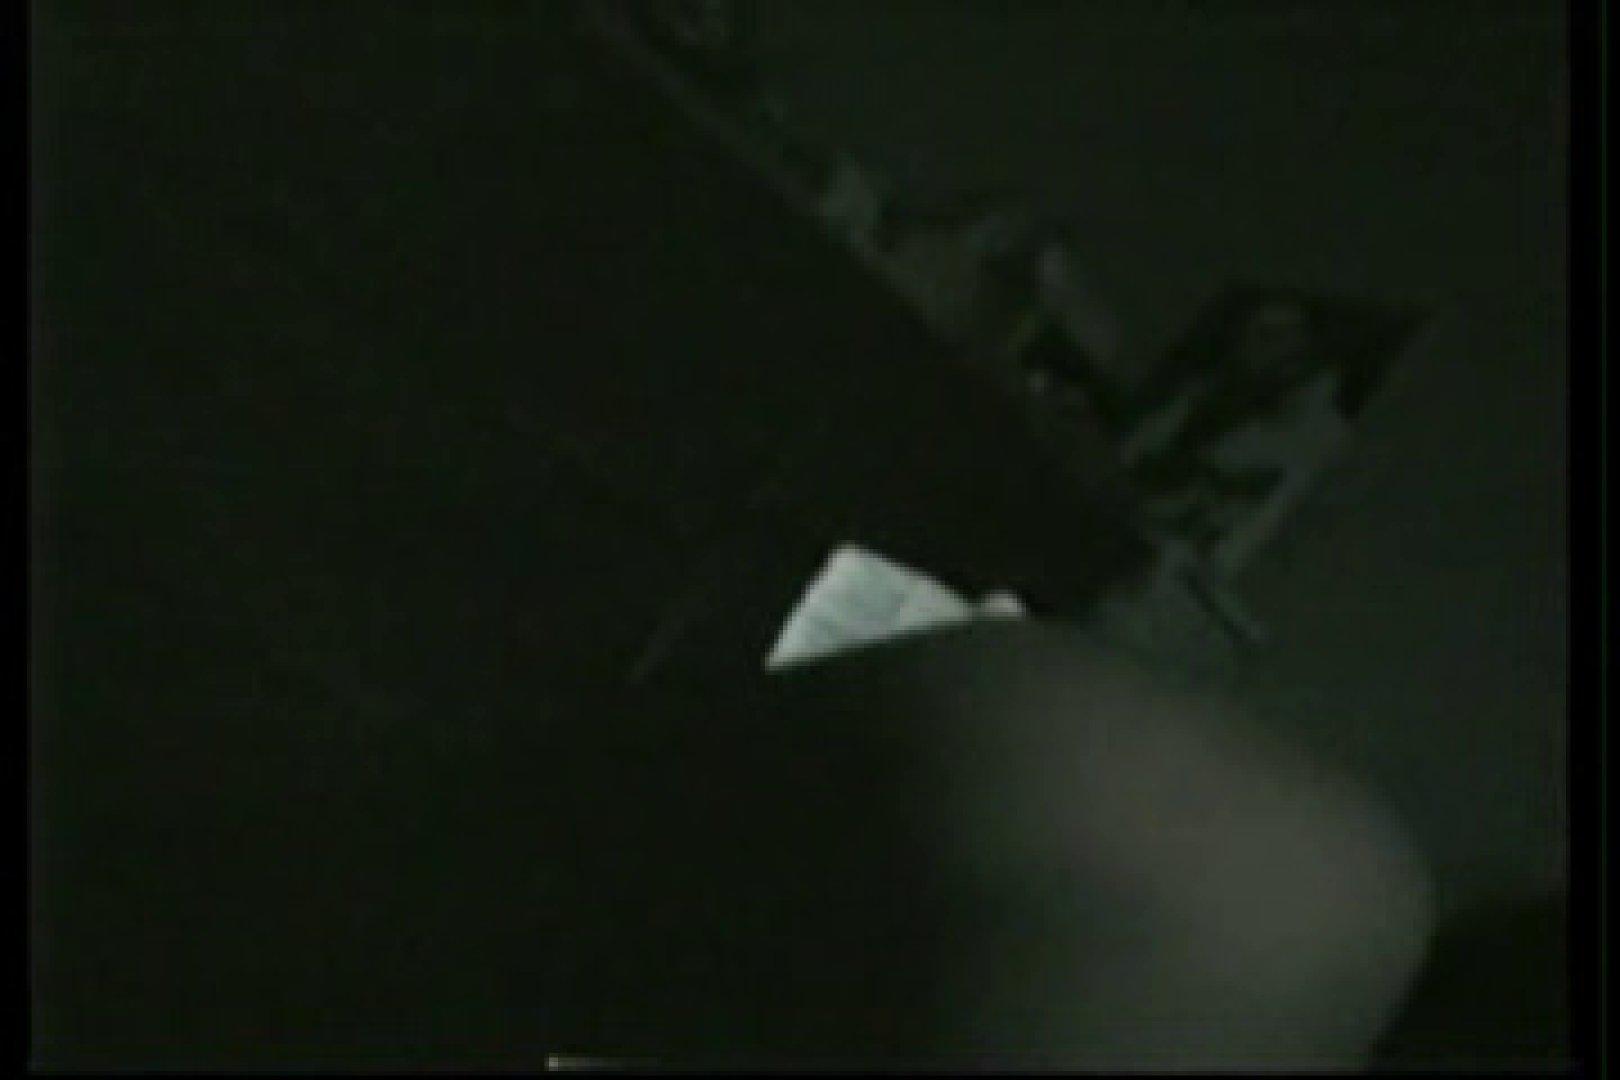 【実録個人撮影】男の子達の禁断の愛欲性活!!vol.02(対女性アナル責め) 手コキ ゲイフリーエロ画像 59pic 35